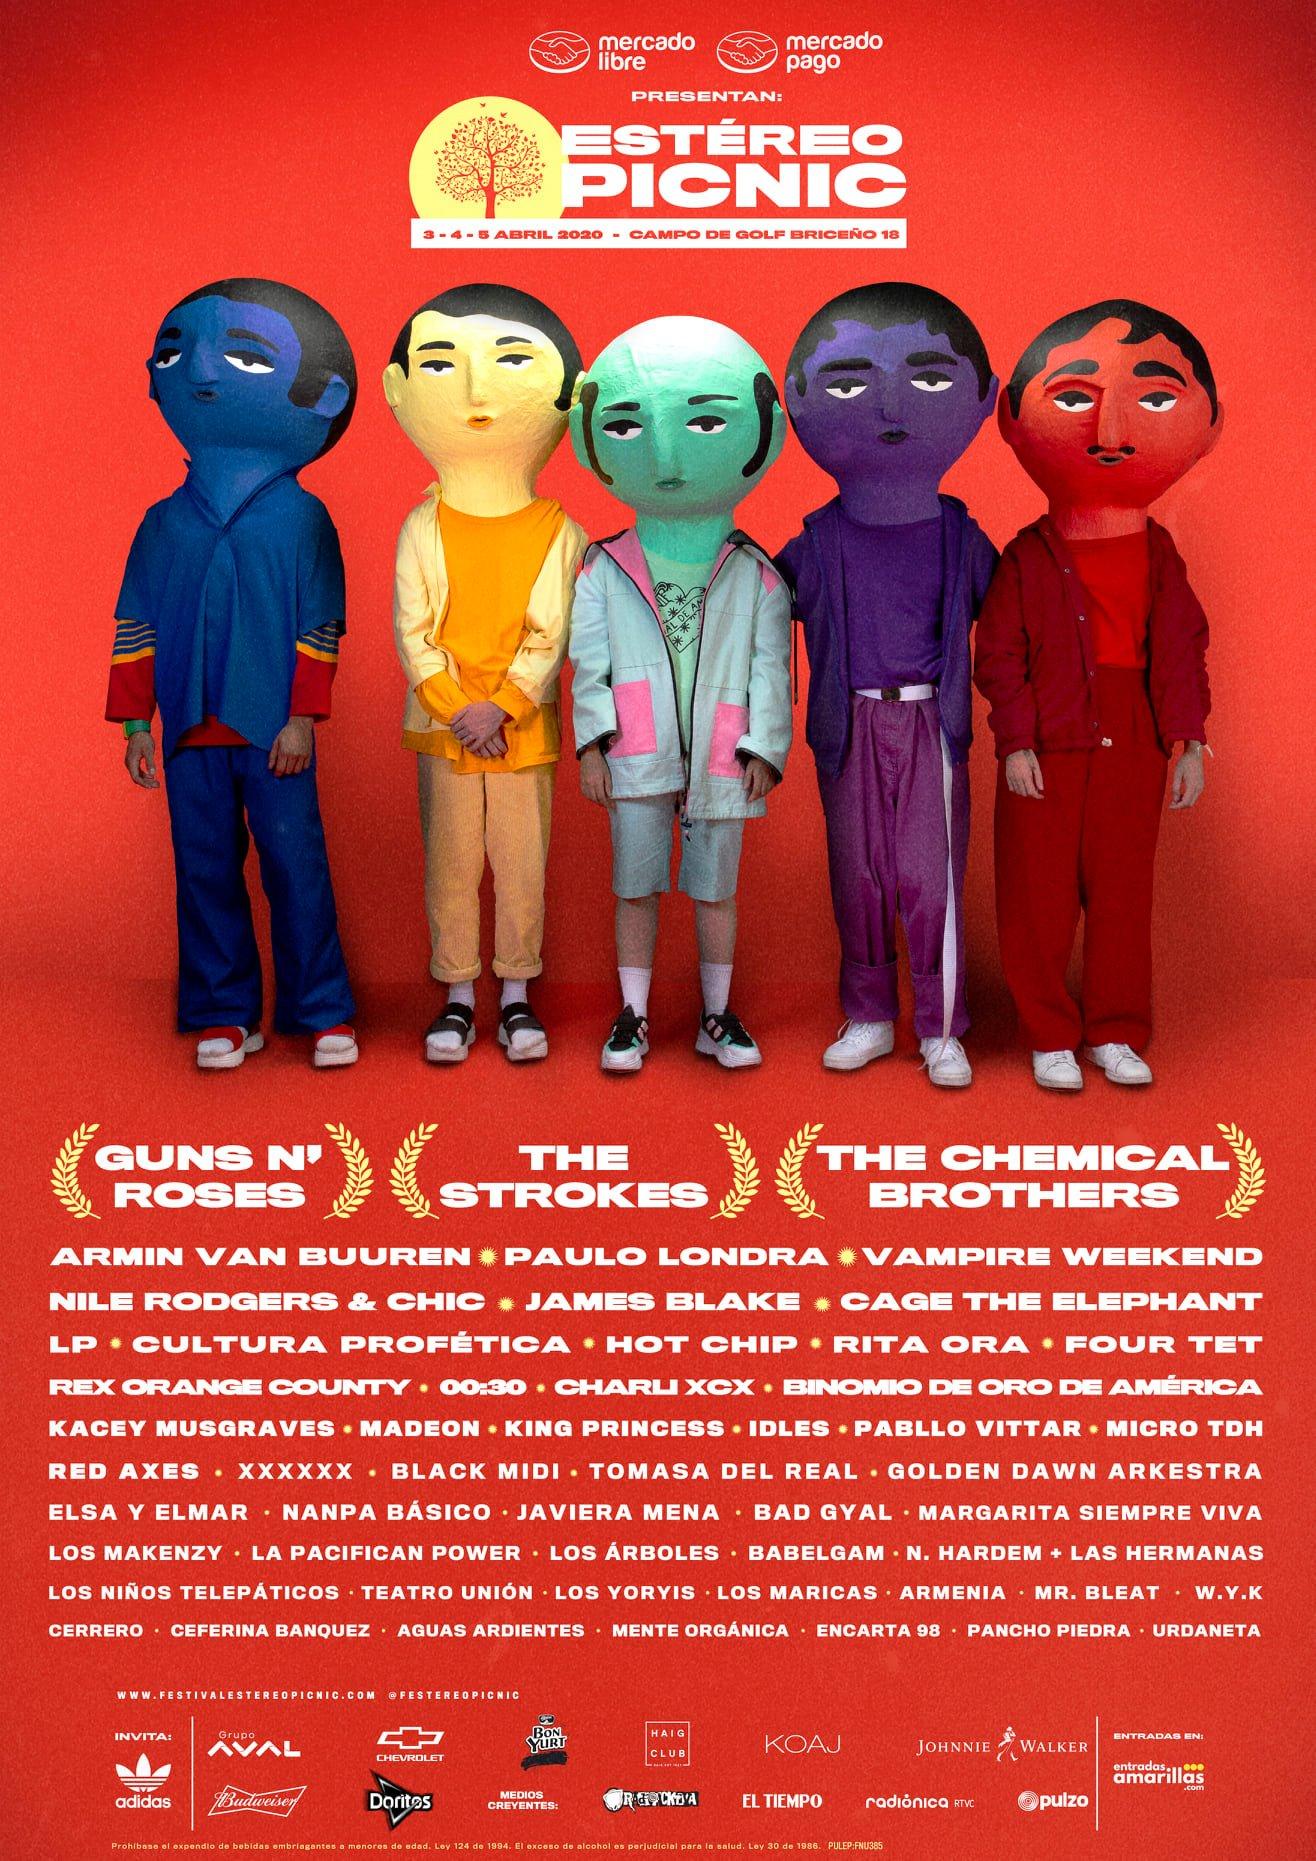 Festival Estéreo Picnic 2020 line up